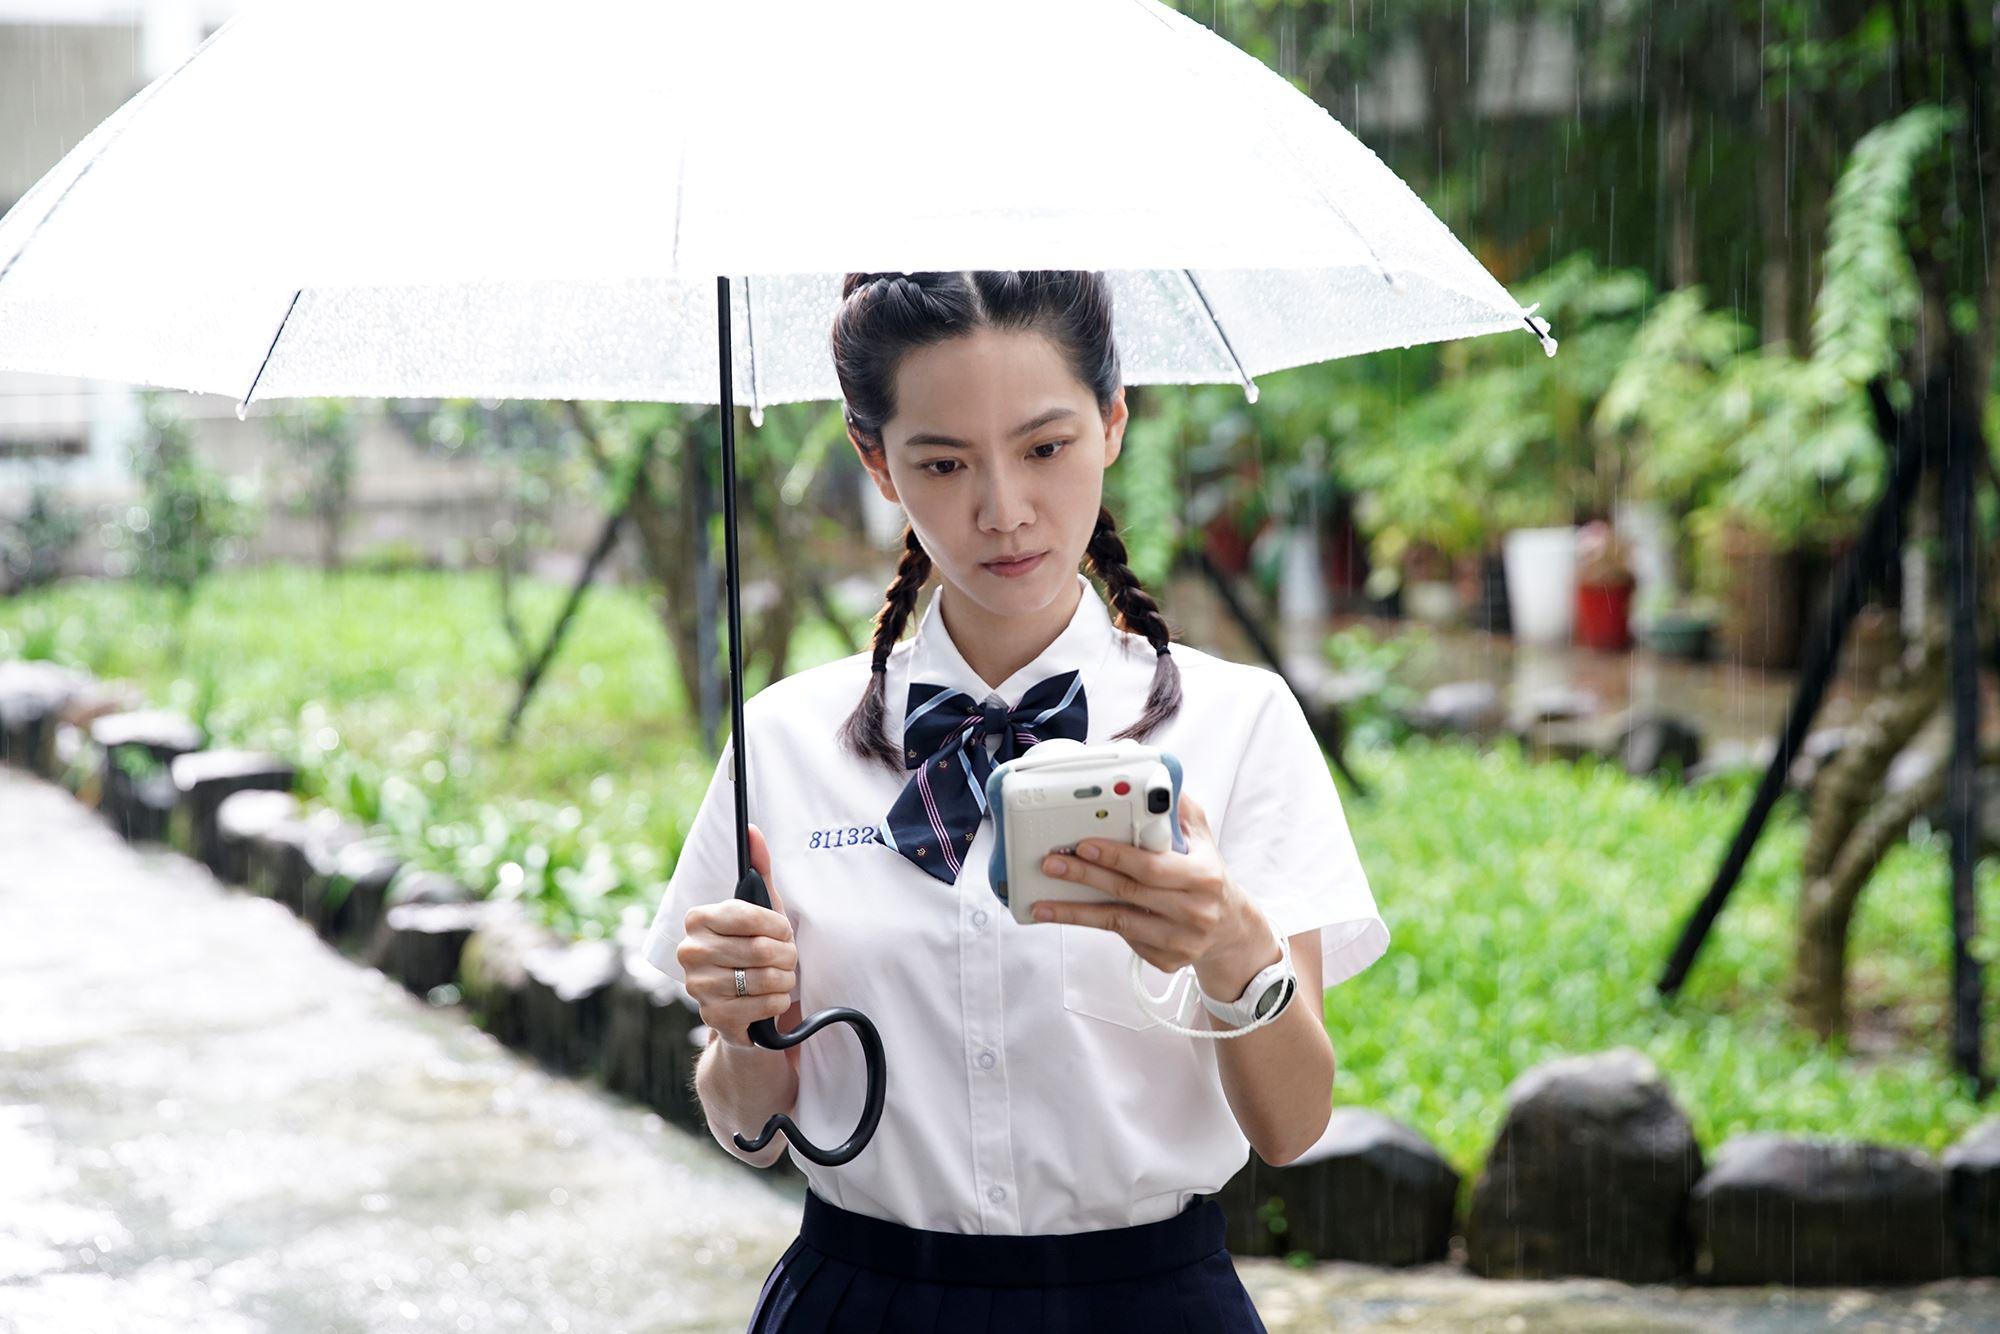 爱奇艺再推原创奇幻末日爱情剧《无神之地不下雨》10/17全球首播!